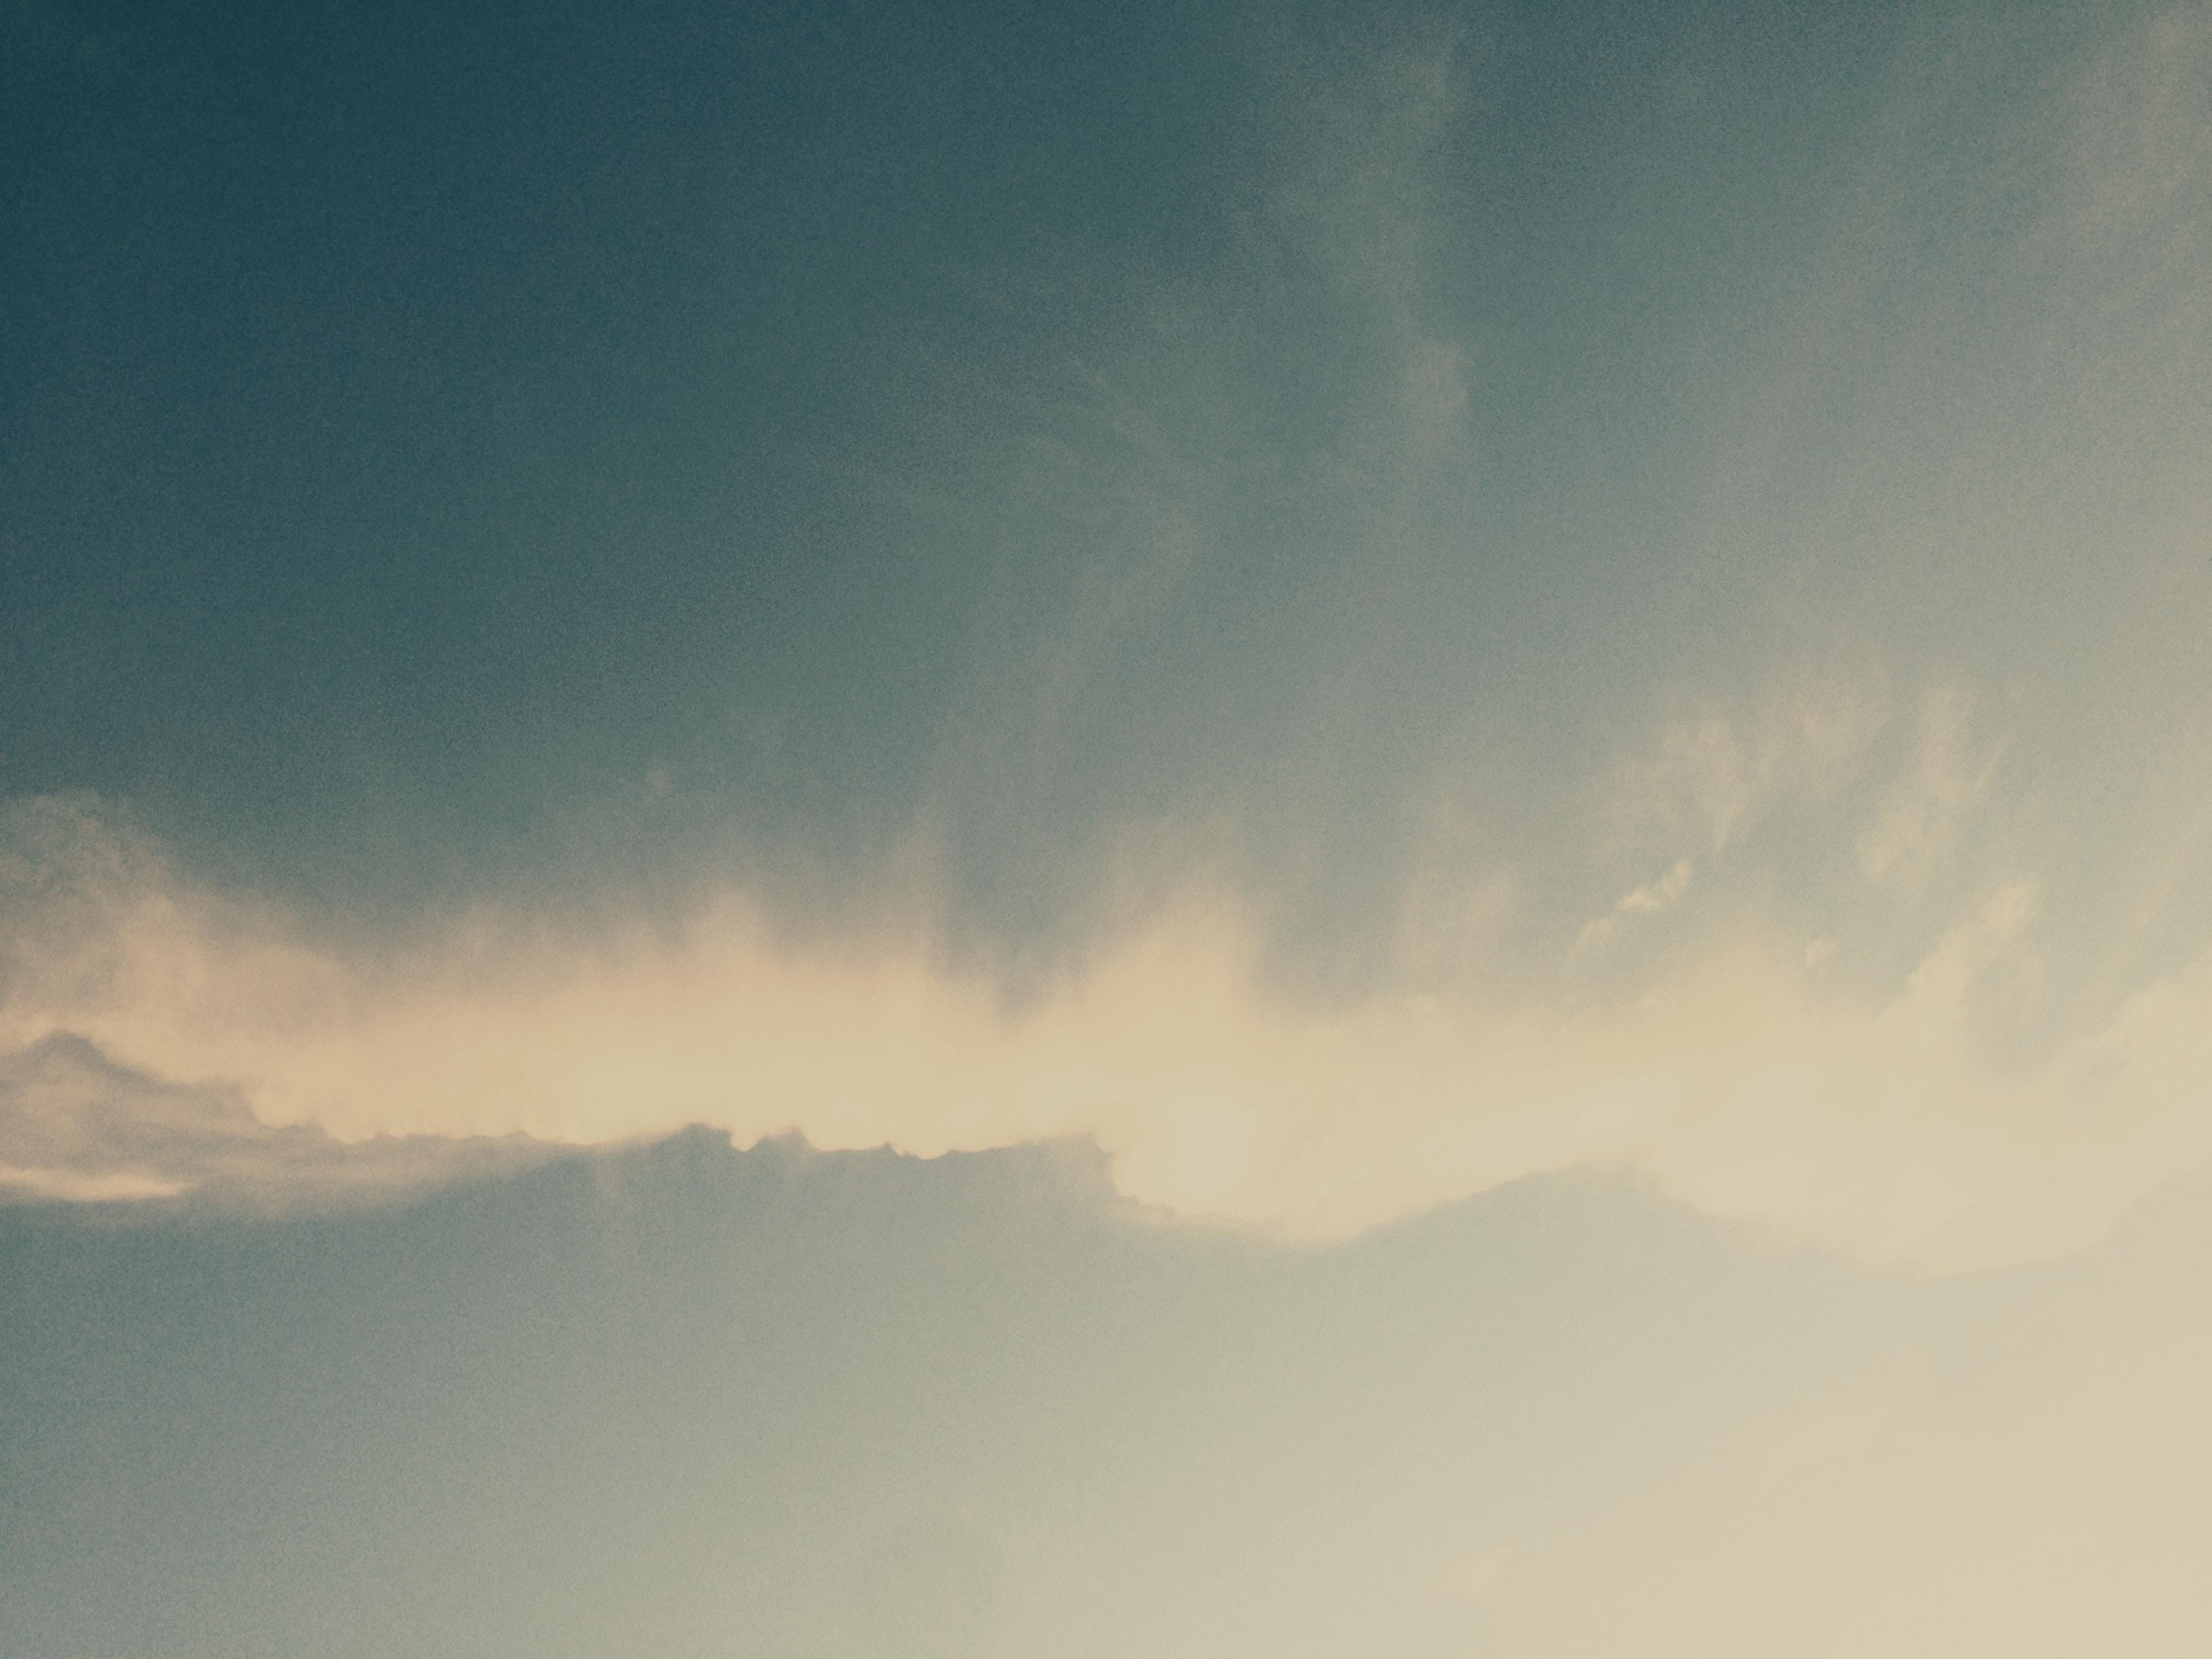 nimbus cloud